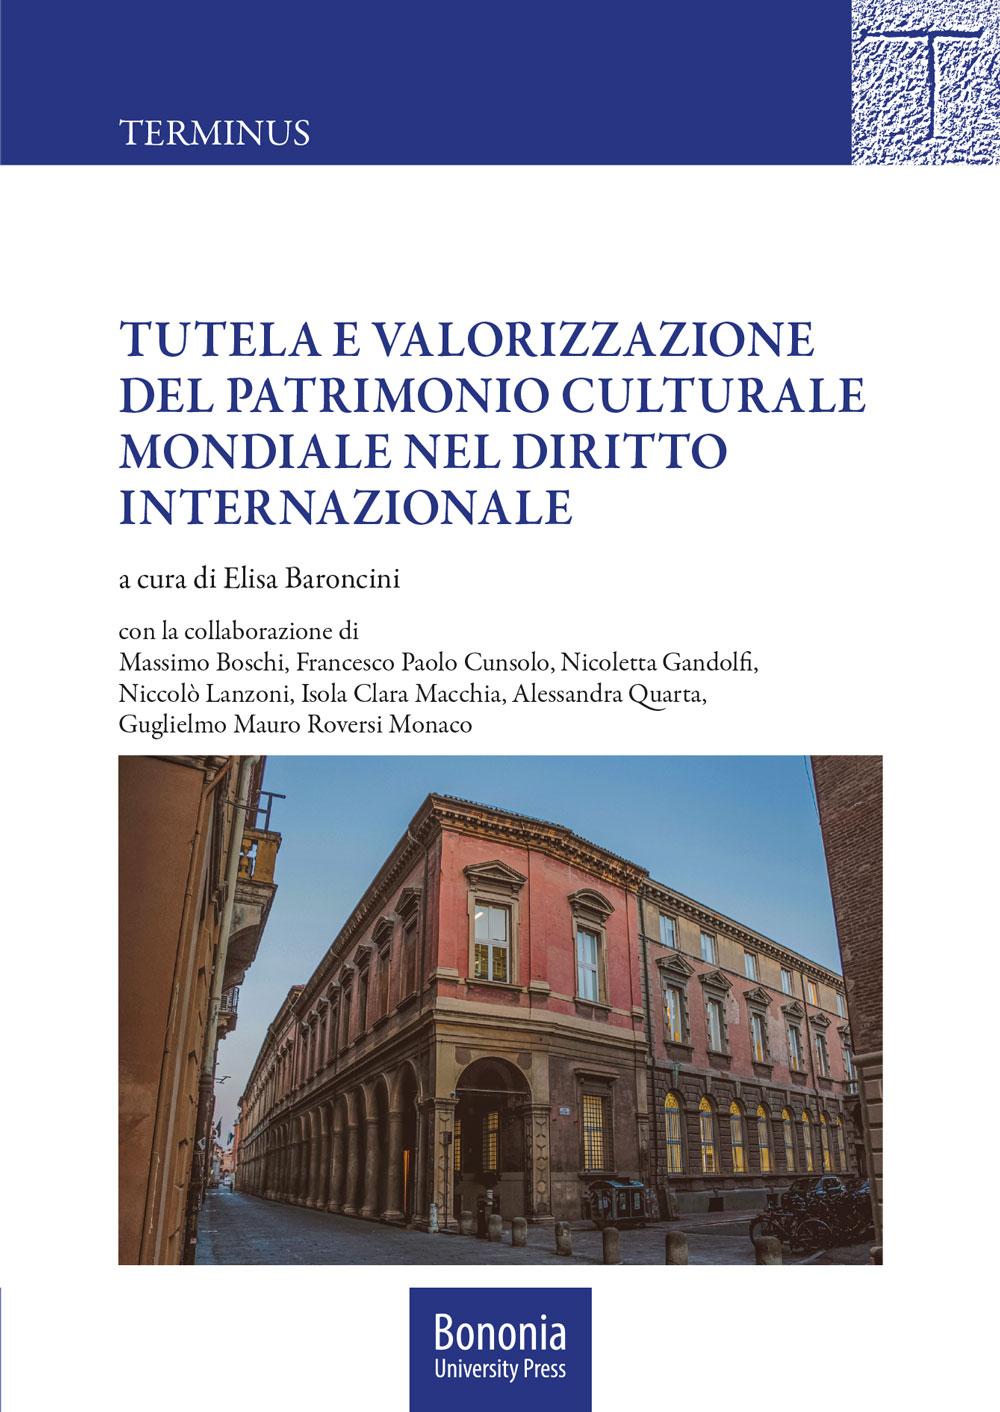 Tutela e valorizzazione del patrimonio culturale mondiale nel diritto internazionale - Bononia University Press